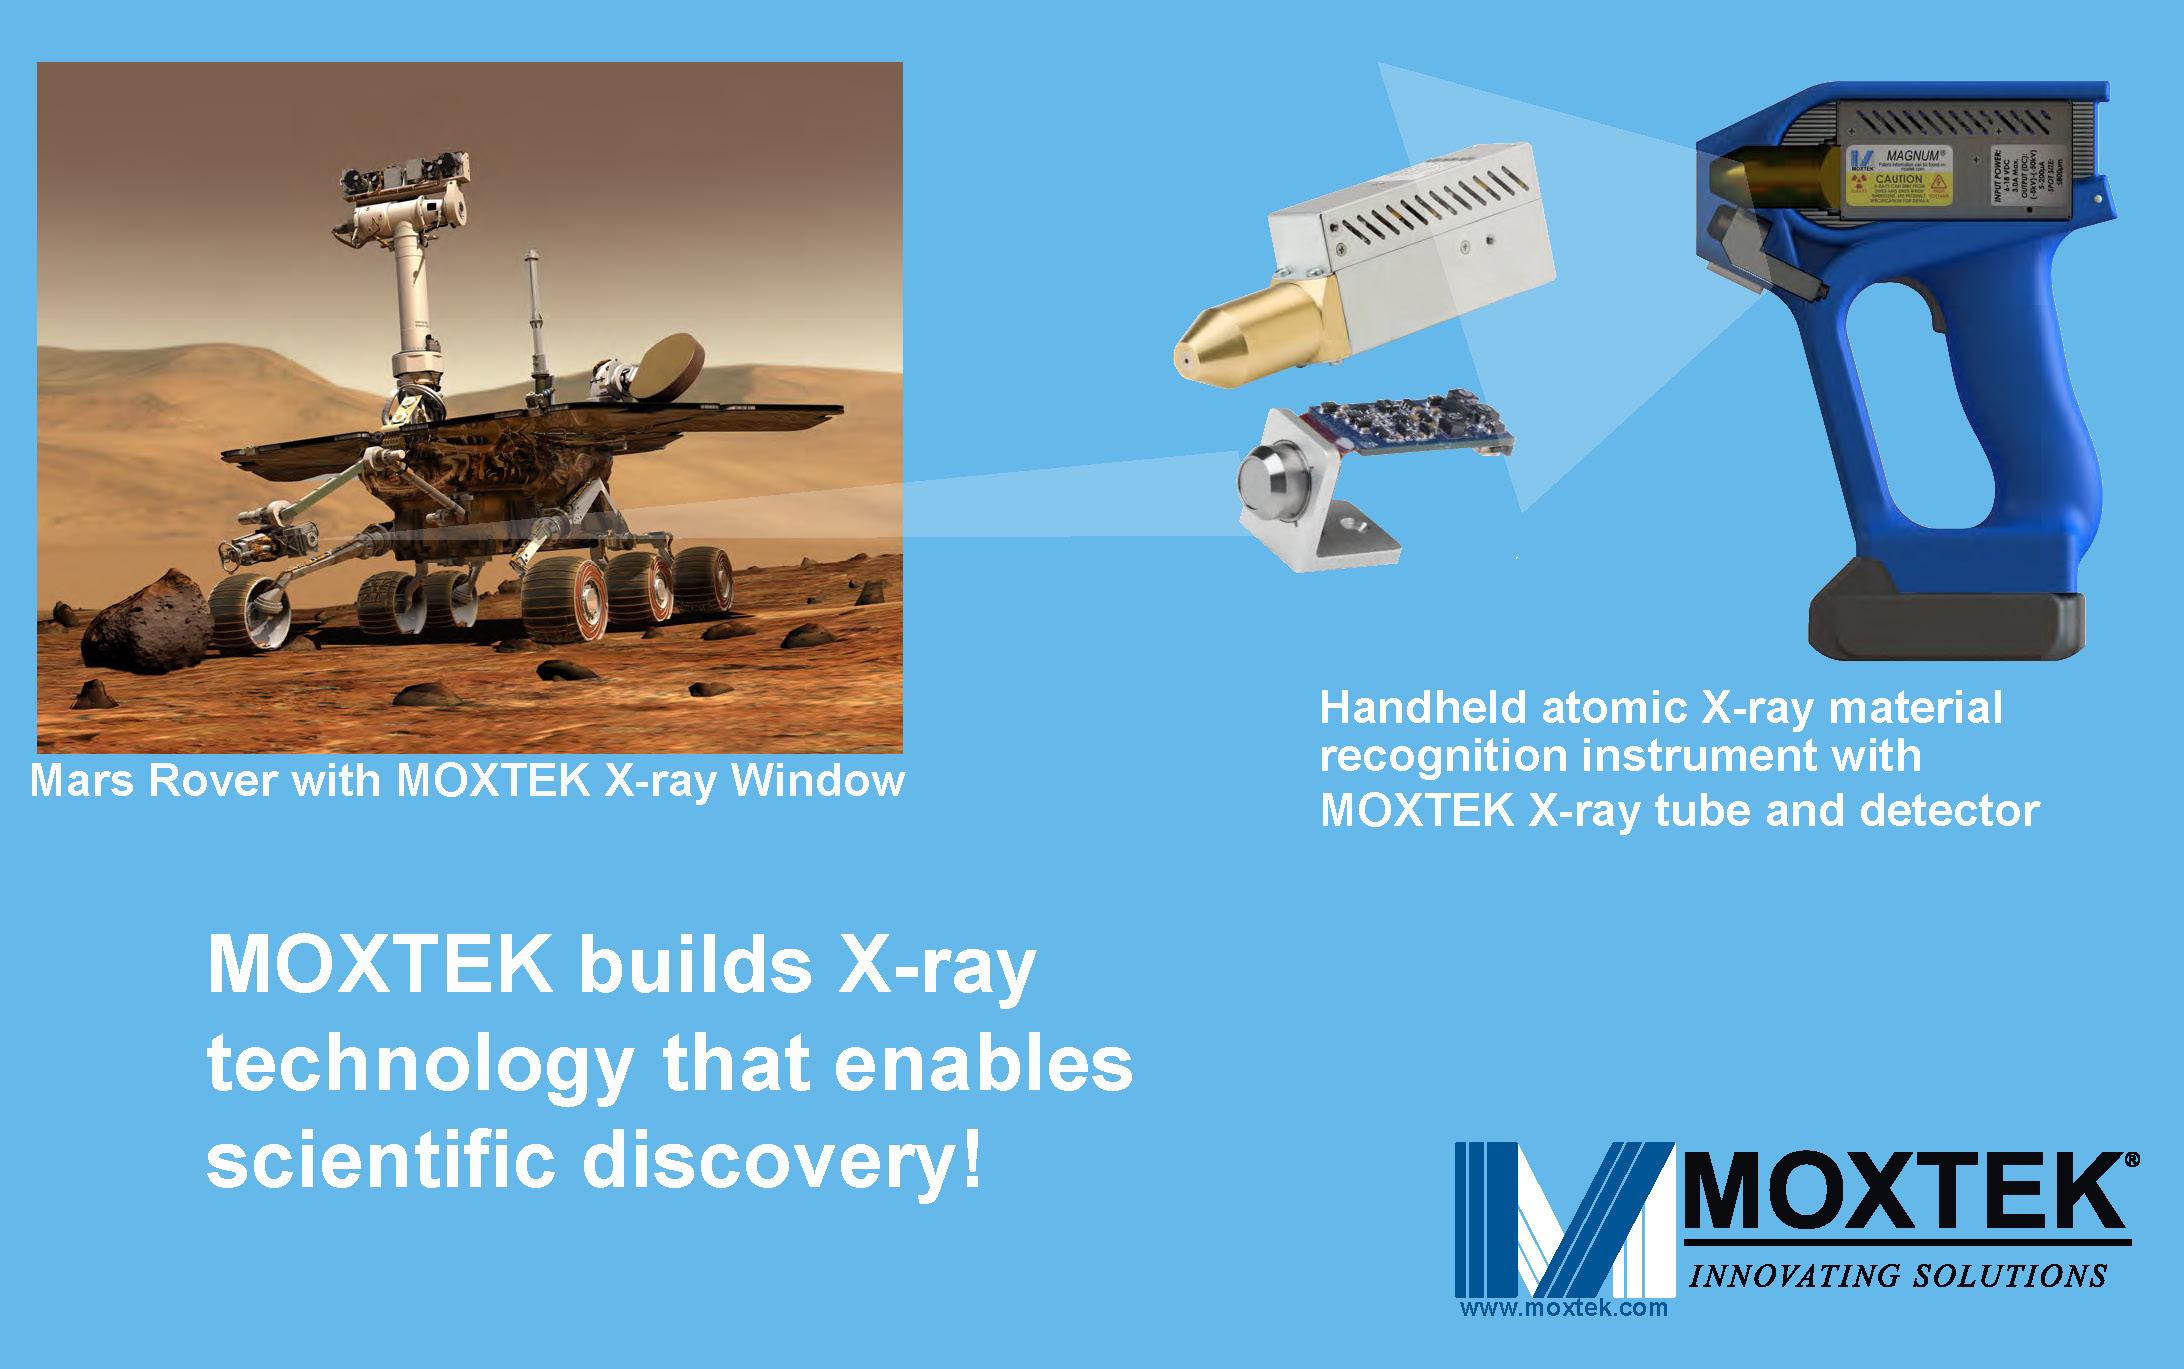 moxtek x ray devices